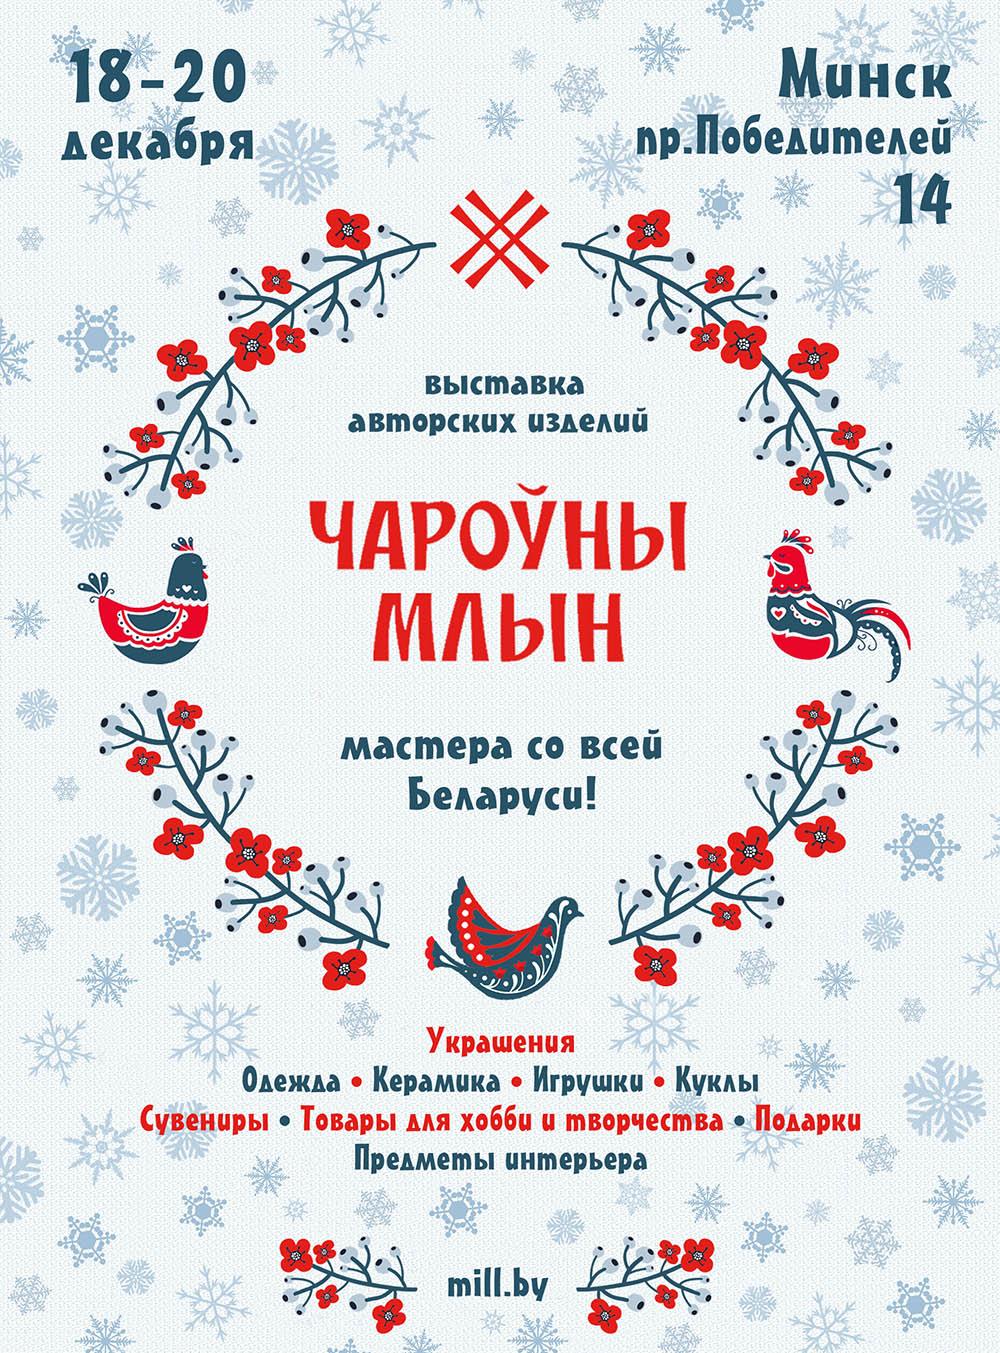 Дизайн новогодней афиши для выставки изделий ручной работы фото f_0825f8975bea5559.jpg